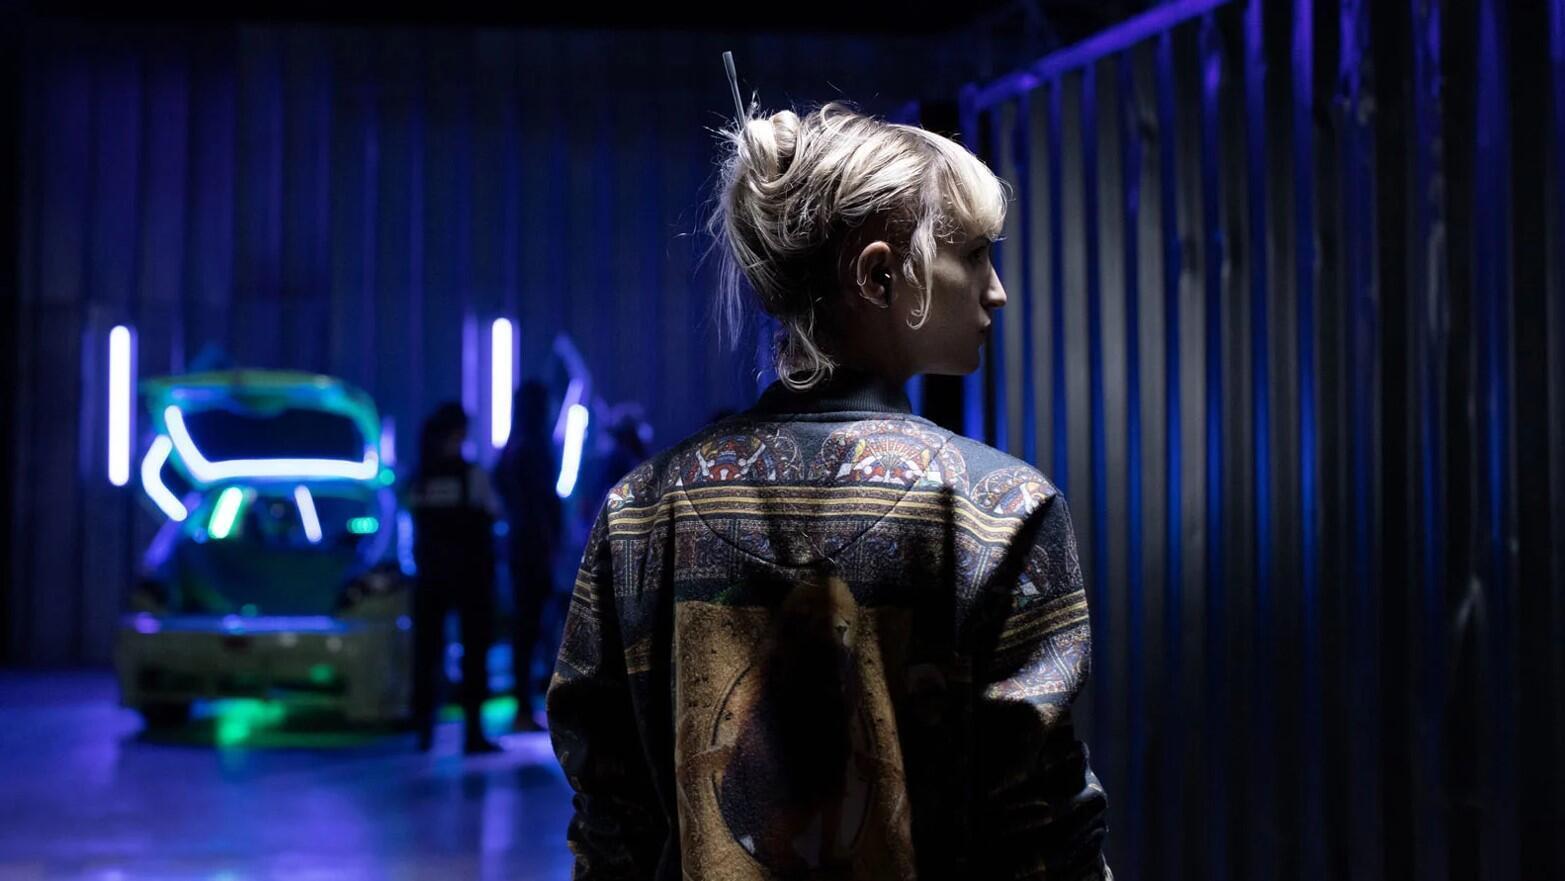 Alexia (Agathe Rousselle) dans « Titane » de Julia Ducournau, Palme d'or du Festival de Cannes 2021.  © Carole Bethuel